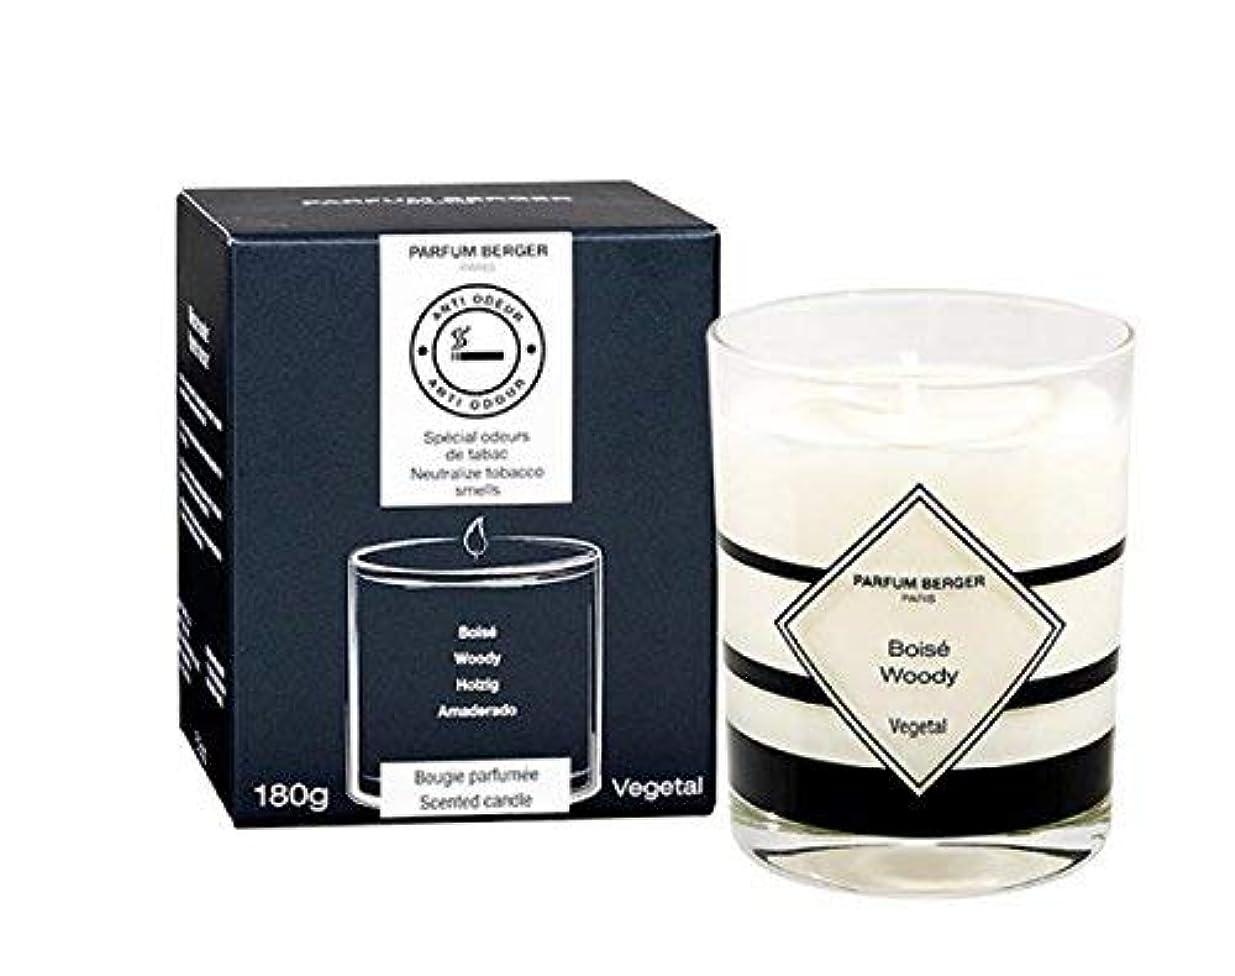 ルーフルーフつま先Parfum Berger/Lampe Berger Anti-Tobacco smell candle (10 x 10 x 10 cm, white glass